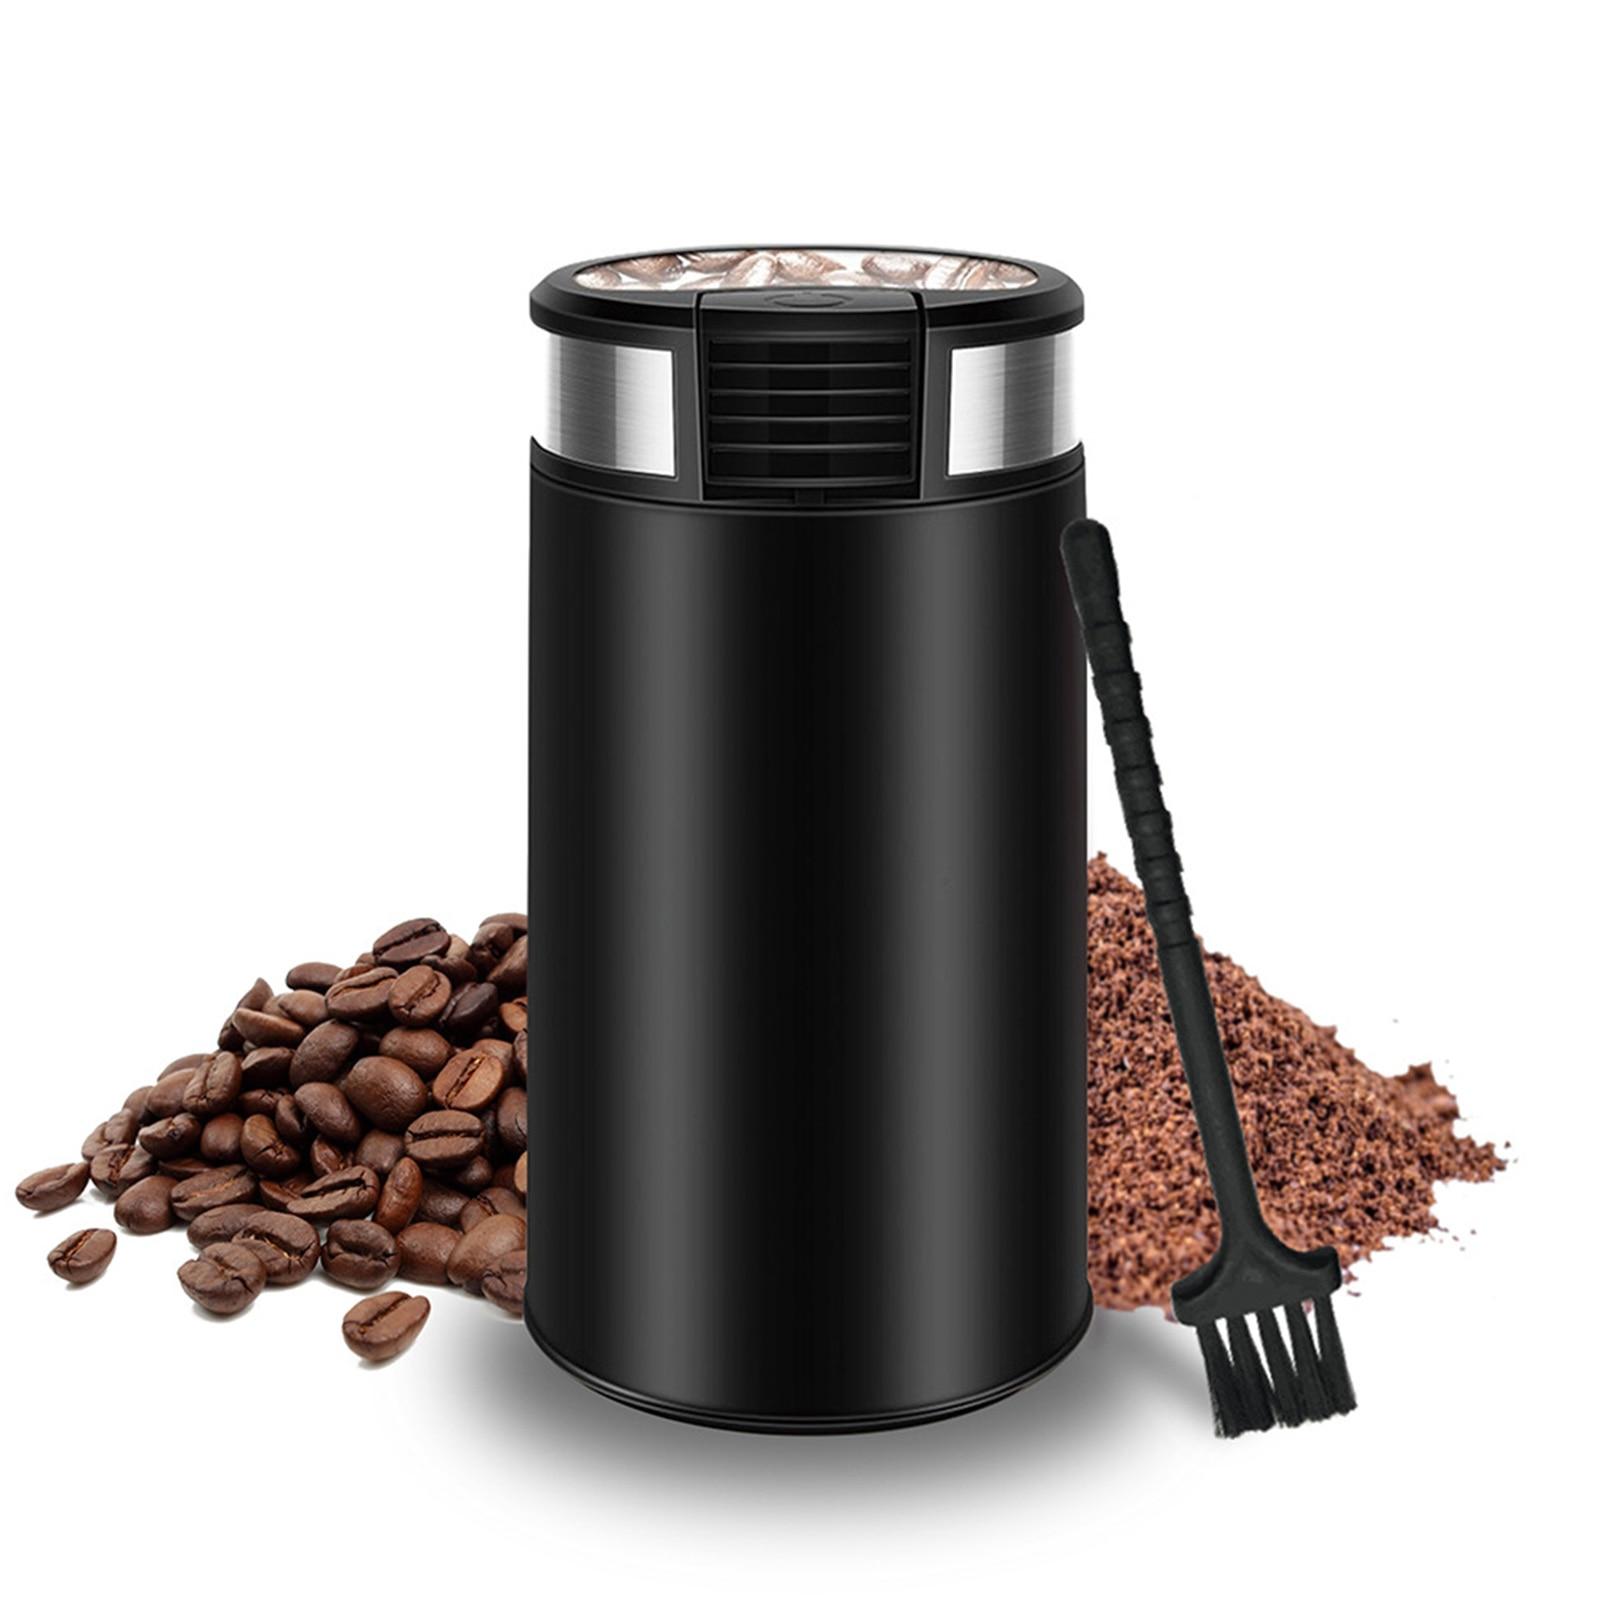 مطحنة بن كهربائية مع فرشاة تنظيف شفرة فولاذية غير قابلة للصدأ مطحنة الحبوب للمكسرات القهوة لوازم المطبخ المنزلية